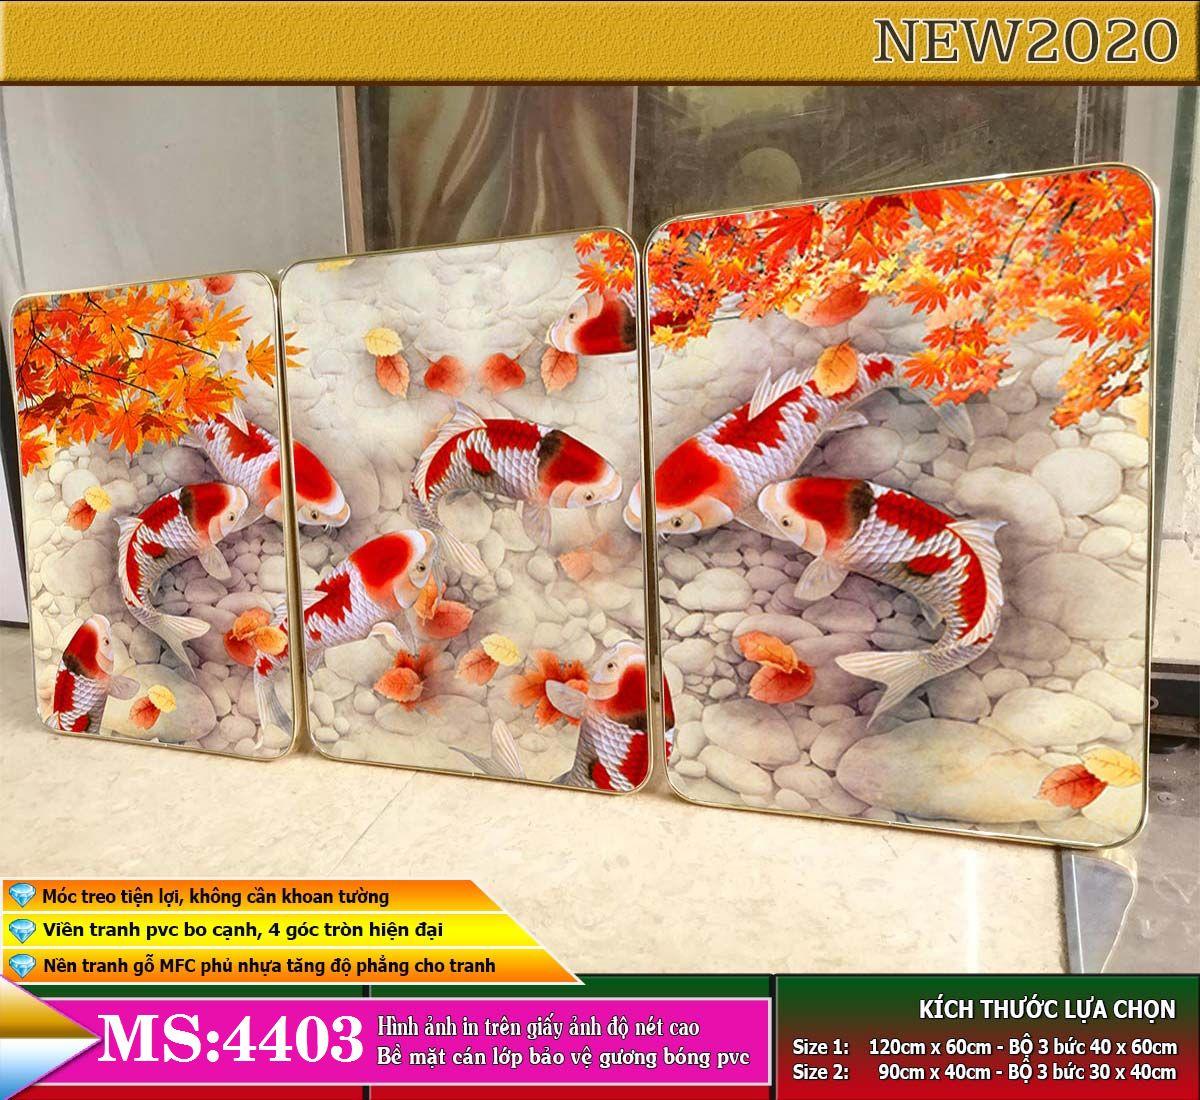 Bộ tranh treo tường 3 tấm trang trí phòng khách, phòng ngủ phong cách mỹ thuật hiện đại chất liệu cán pvc gương:4403L15